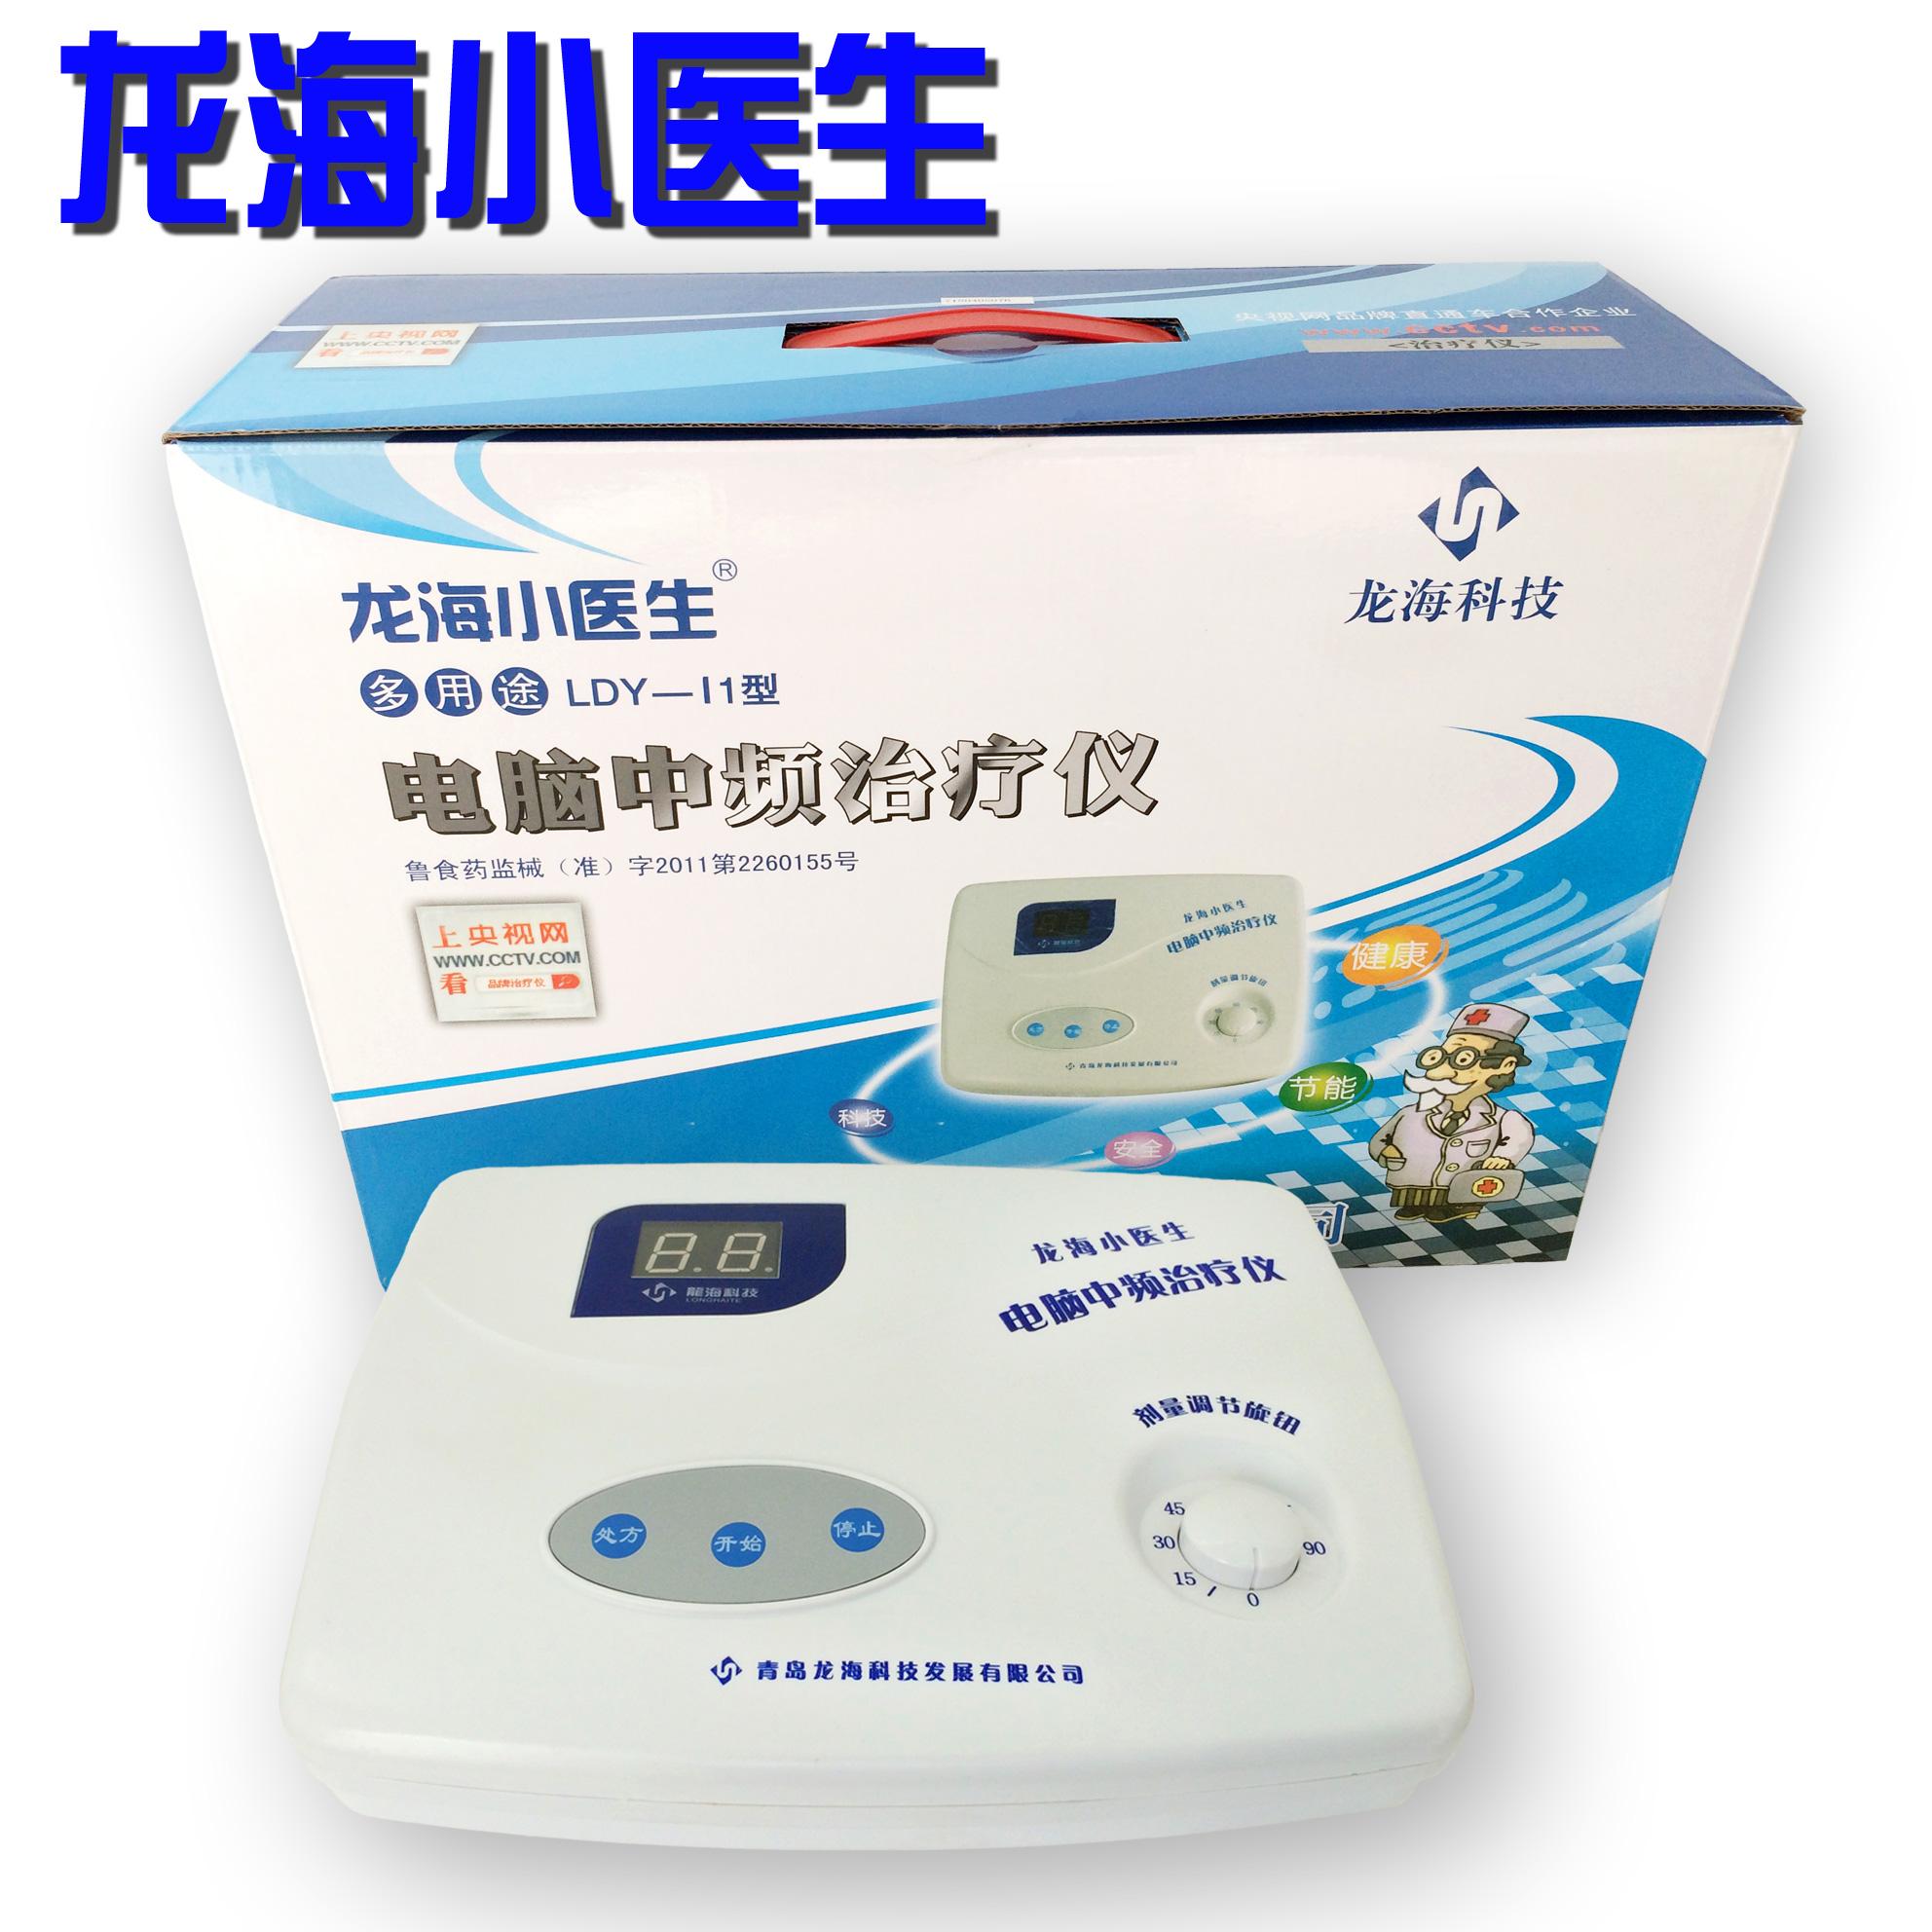 青岛龙海小医生数码智能生态仪/颈椎腰椎肩周腰肌/售后服务维修